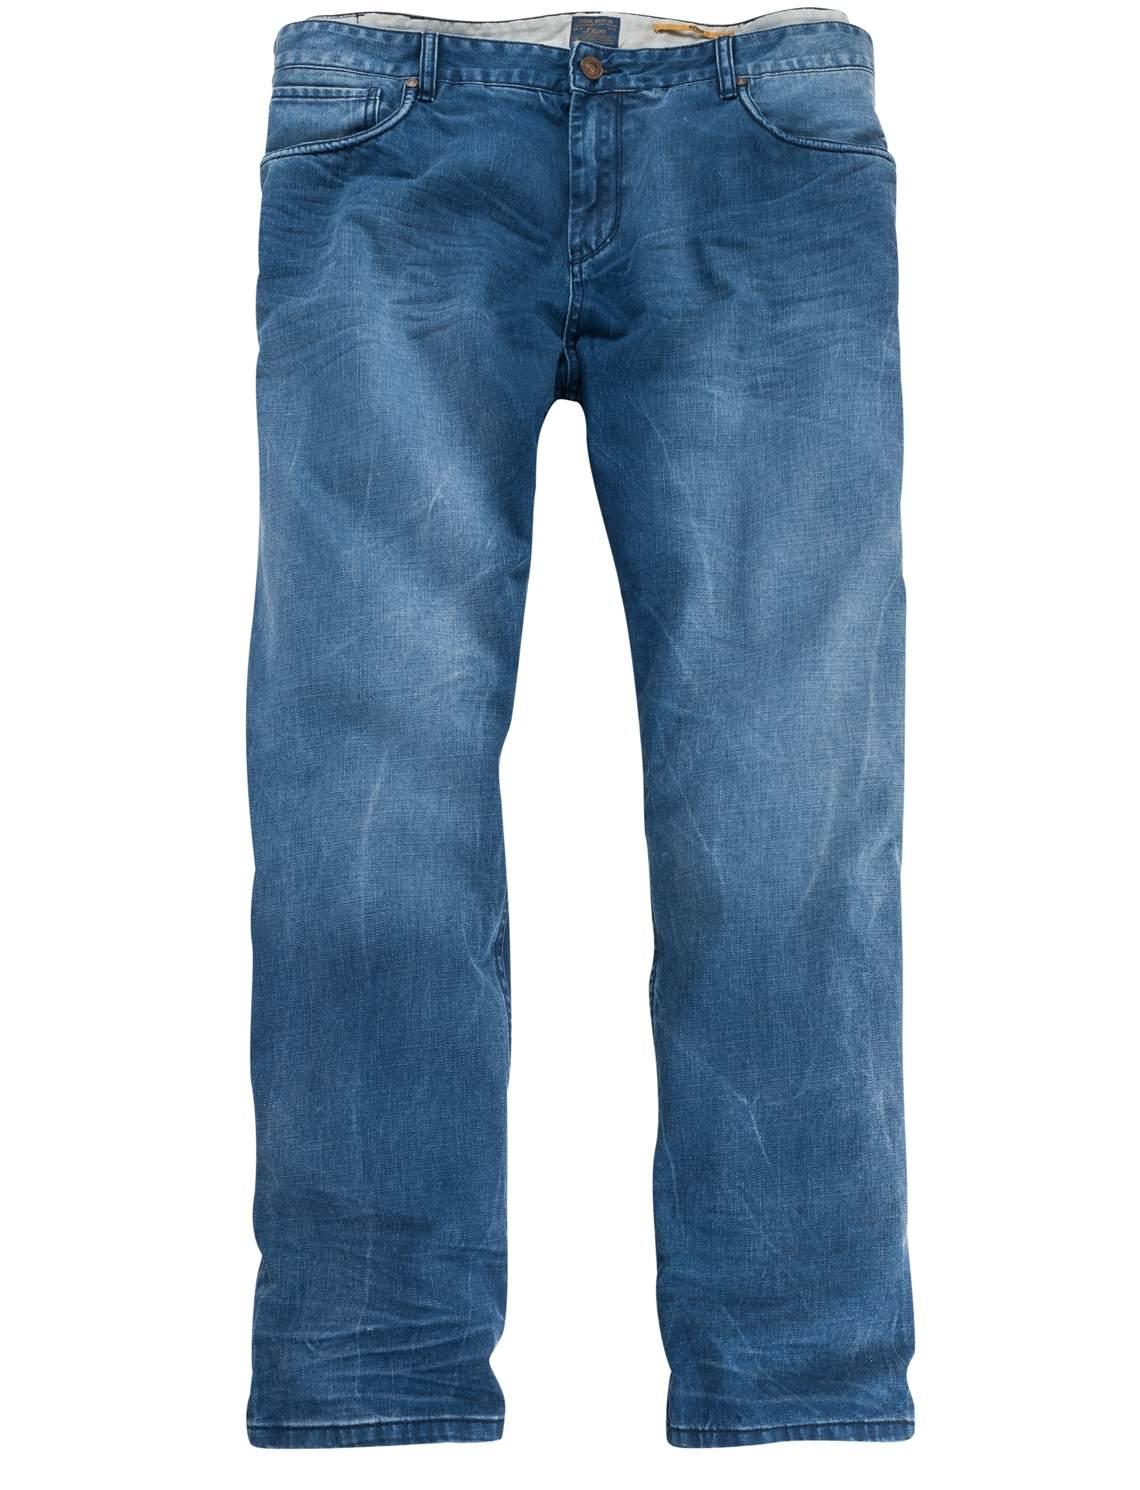 s oliver jeans in five pocket form pfundskerl xxl. Black Bedroom Furniture Sets. Home Design Ideas